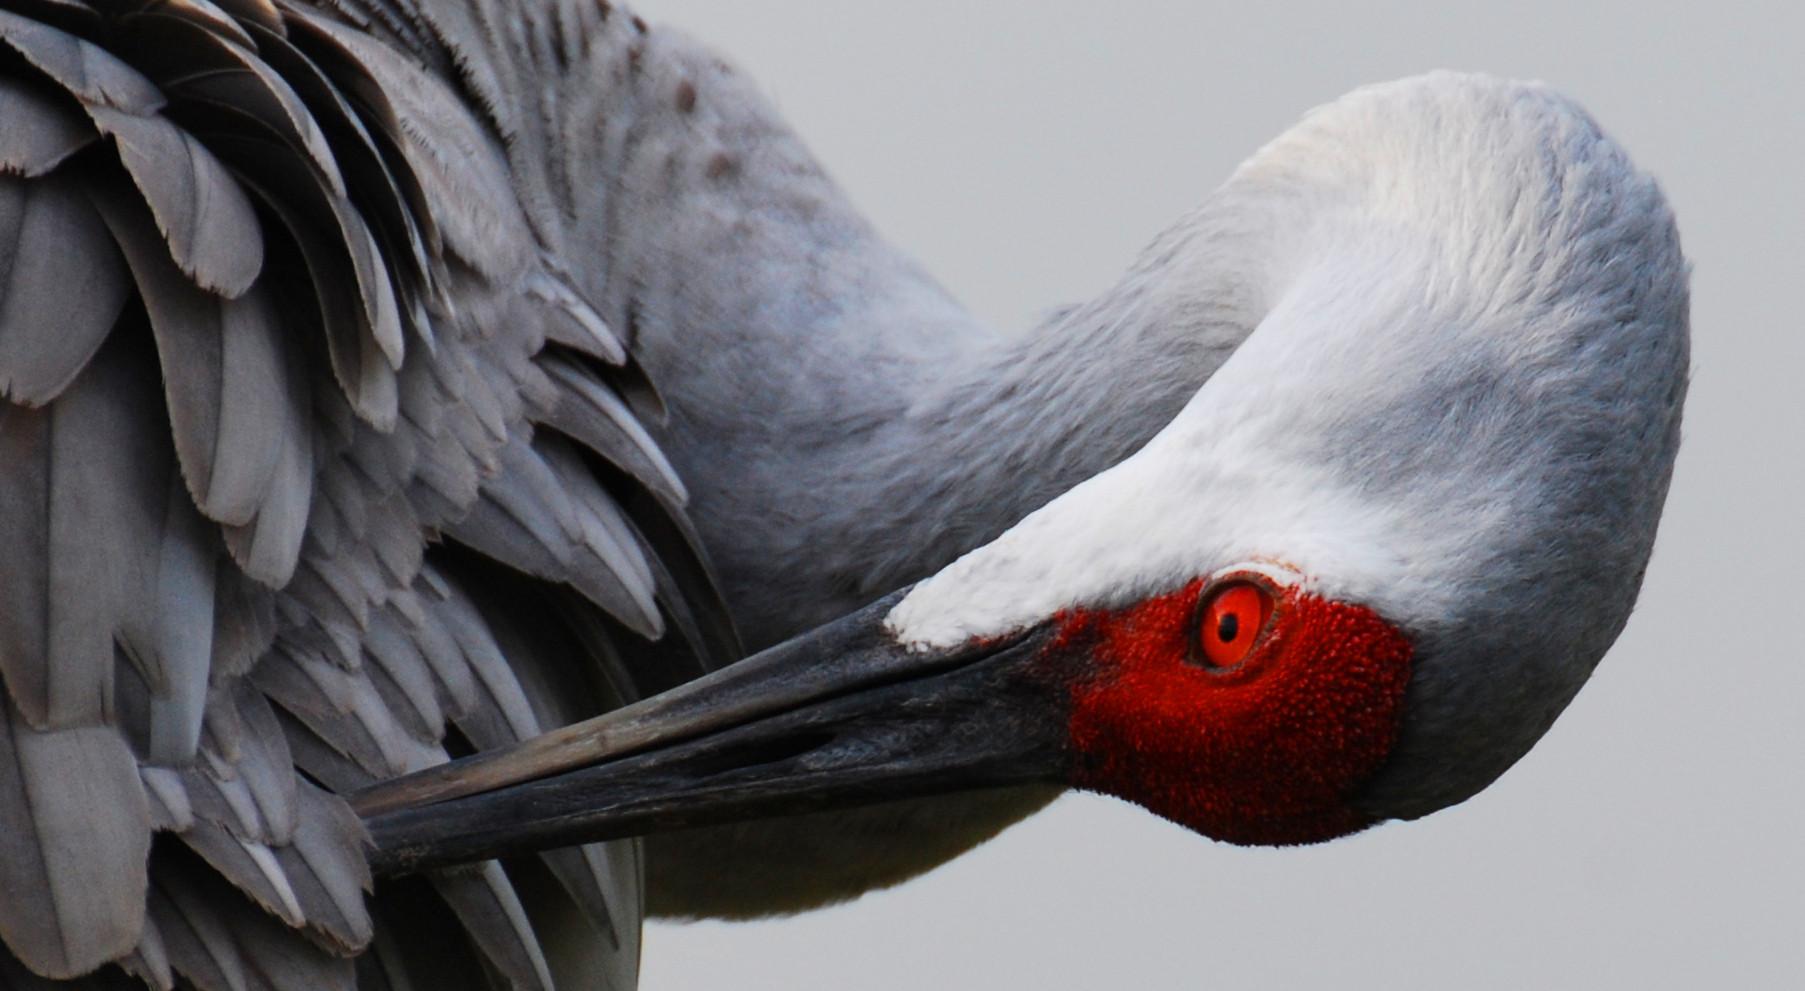 Crane Your Neck